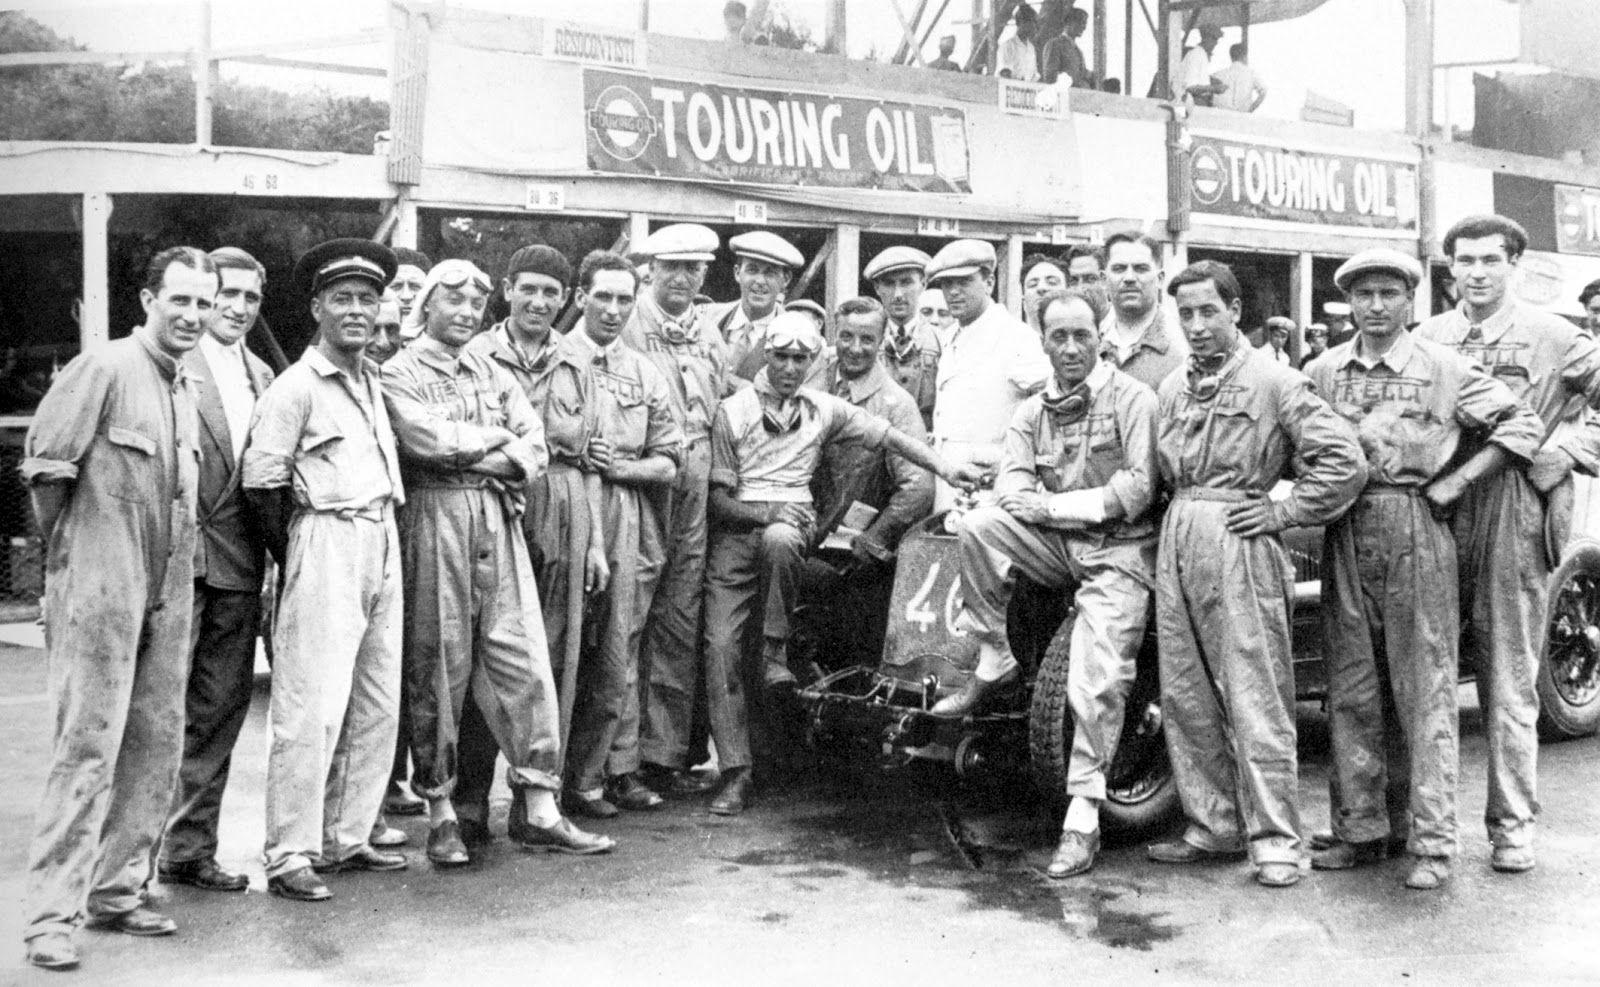 Coppa Ciano 1930 , Alfa Romeo P2 #46 of Tazio Nuvolari , Team of Scuderia Ferrari...Starting with 4th from the left - Borzacchini, Bignami, Siena, Ferrari, Sguanci, Nuvolari, Bertolini, Augusto Caniato, Arcangeli, Onagro, Verdelli e Lucchi.